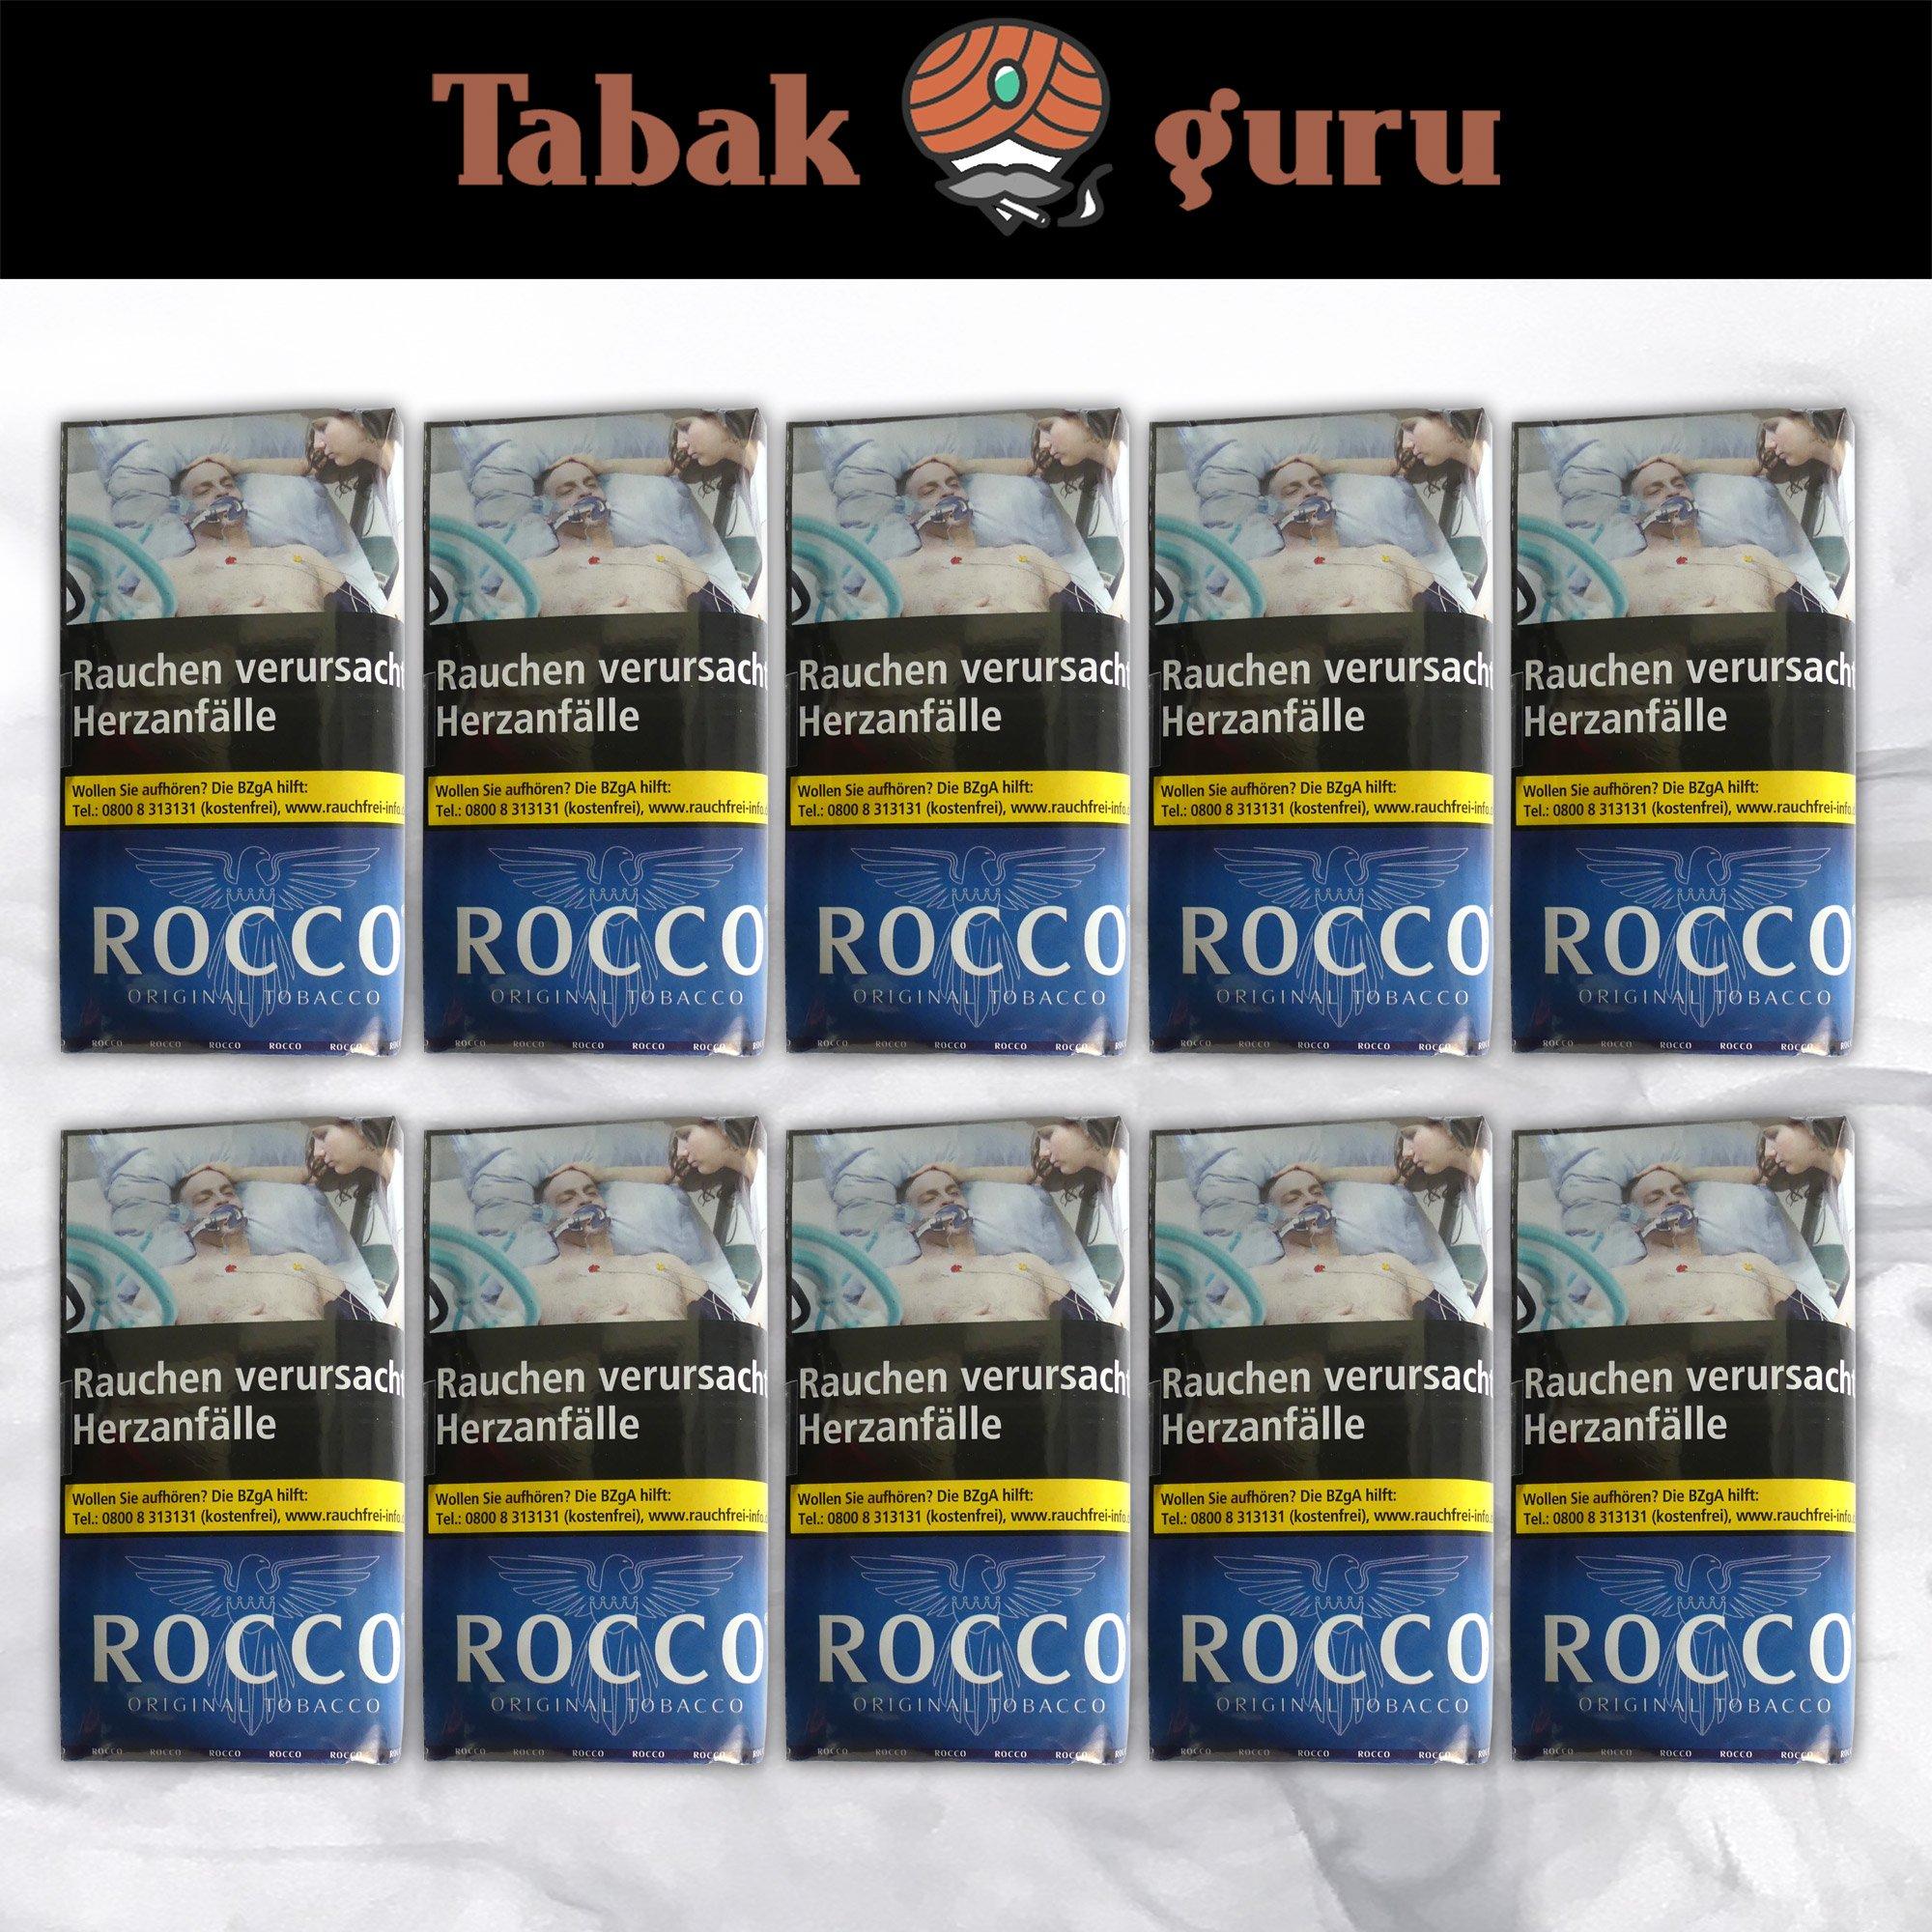 10 x ROCCO Original Tobacco Drehtabak 38 g